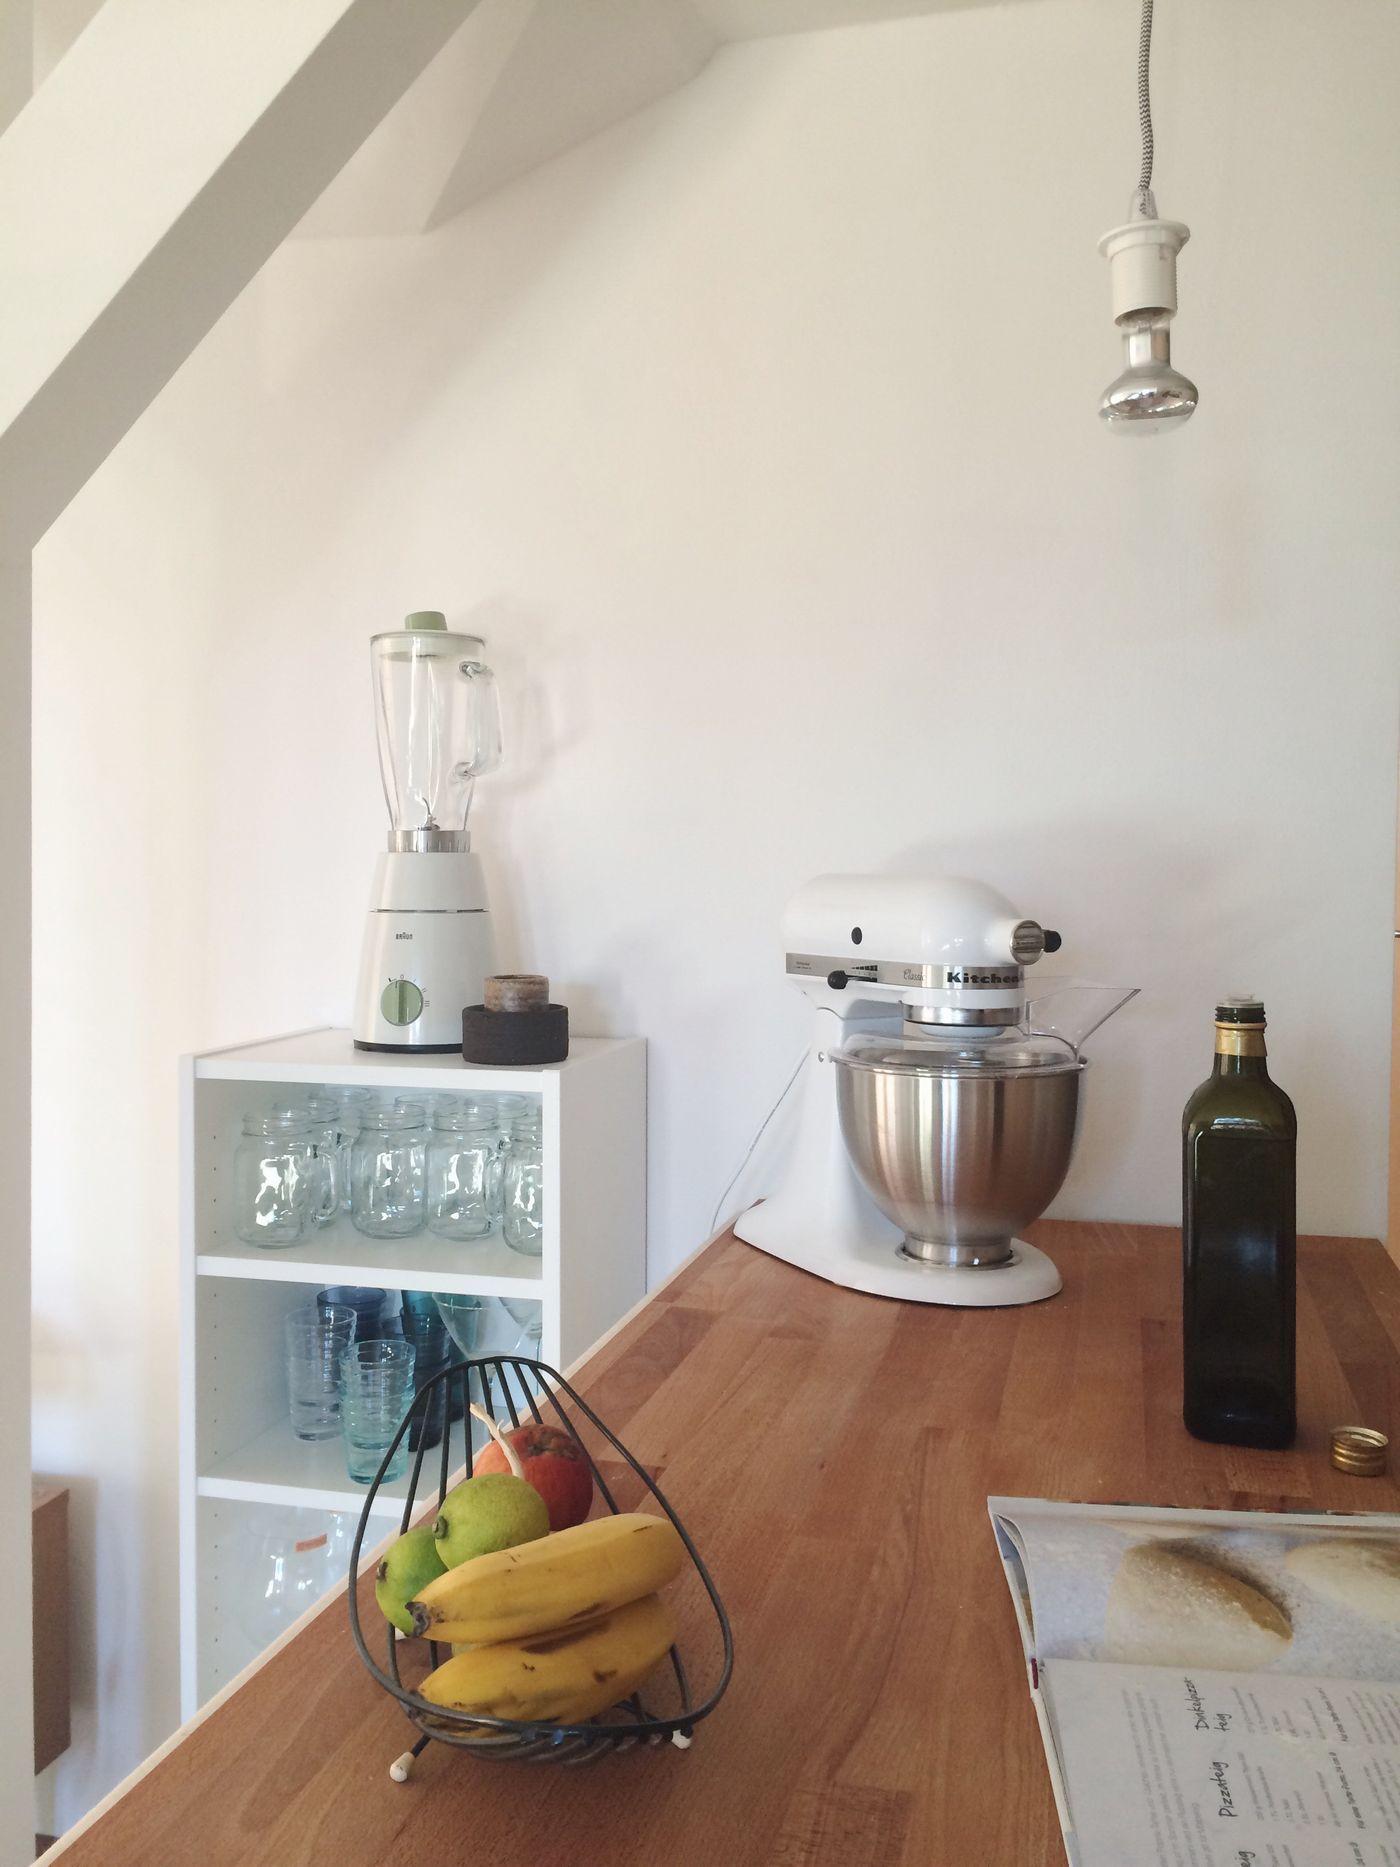 Gemütlich Deko Ideen Küchentheken Fotos - Küche Set Ideen ...